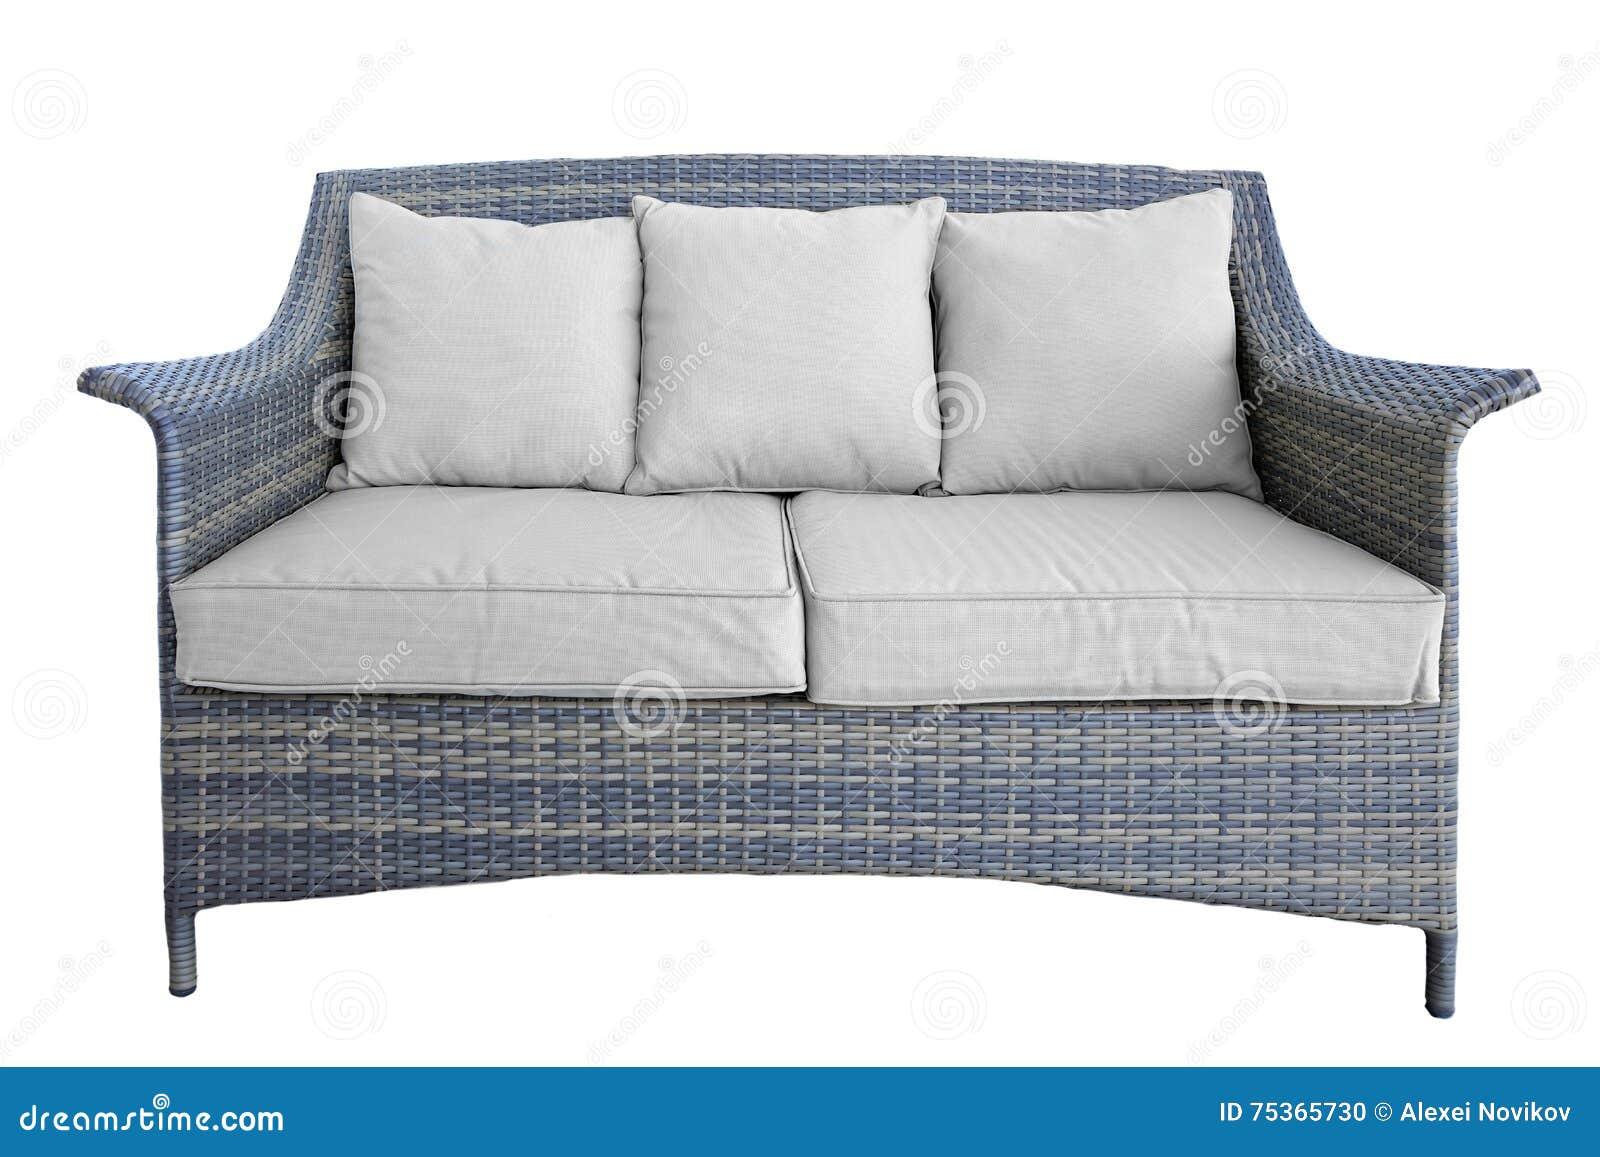 Rattan Couch Im Freien Mit Zwei Seat Und Kissen Weiß Lokalisiert